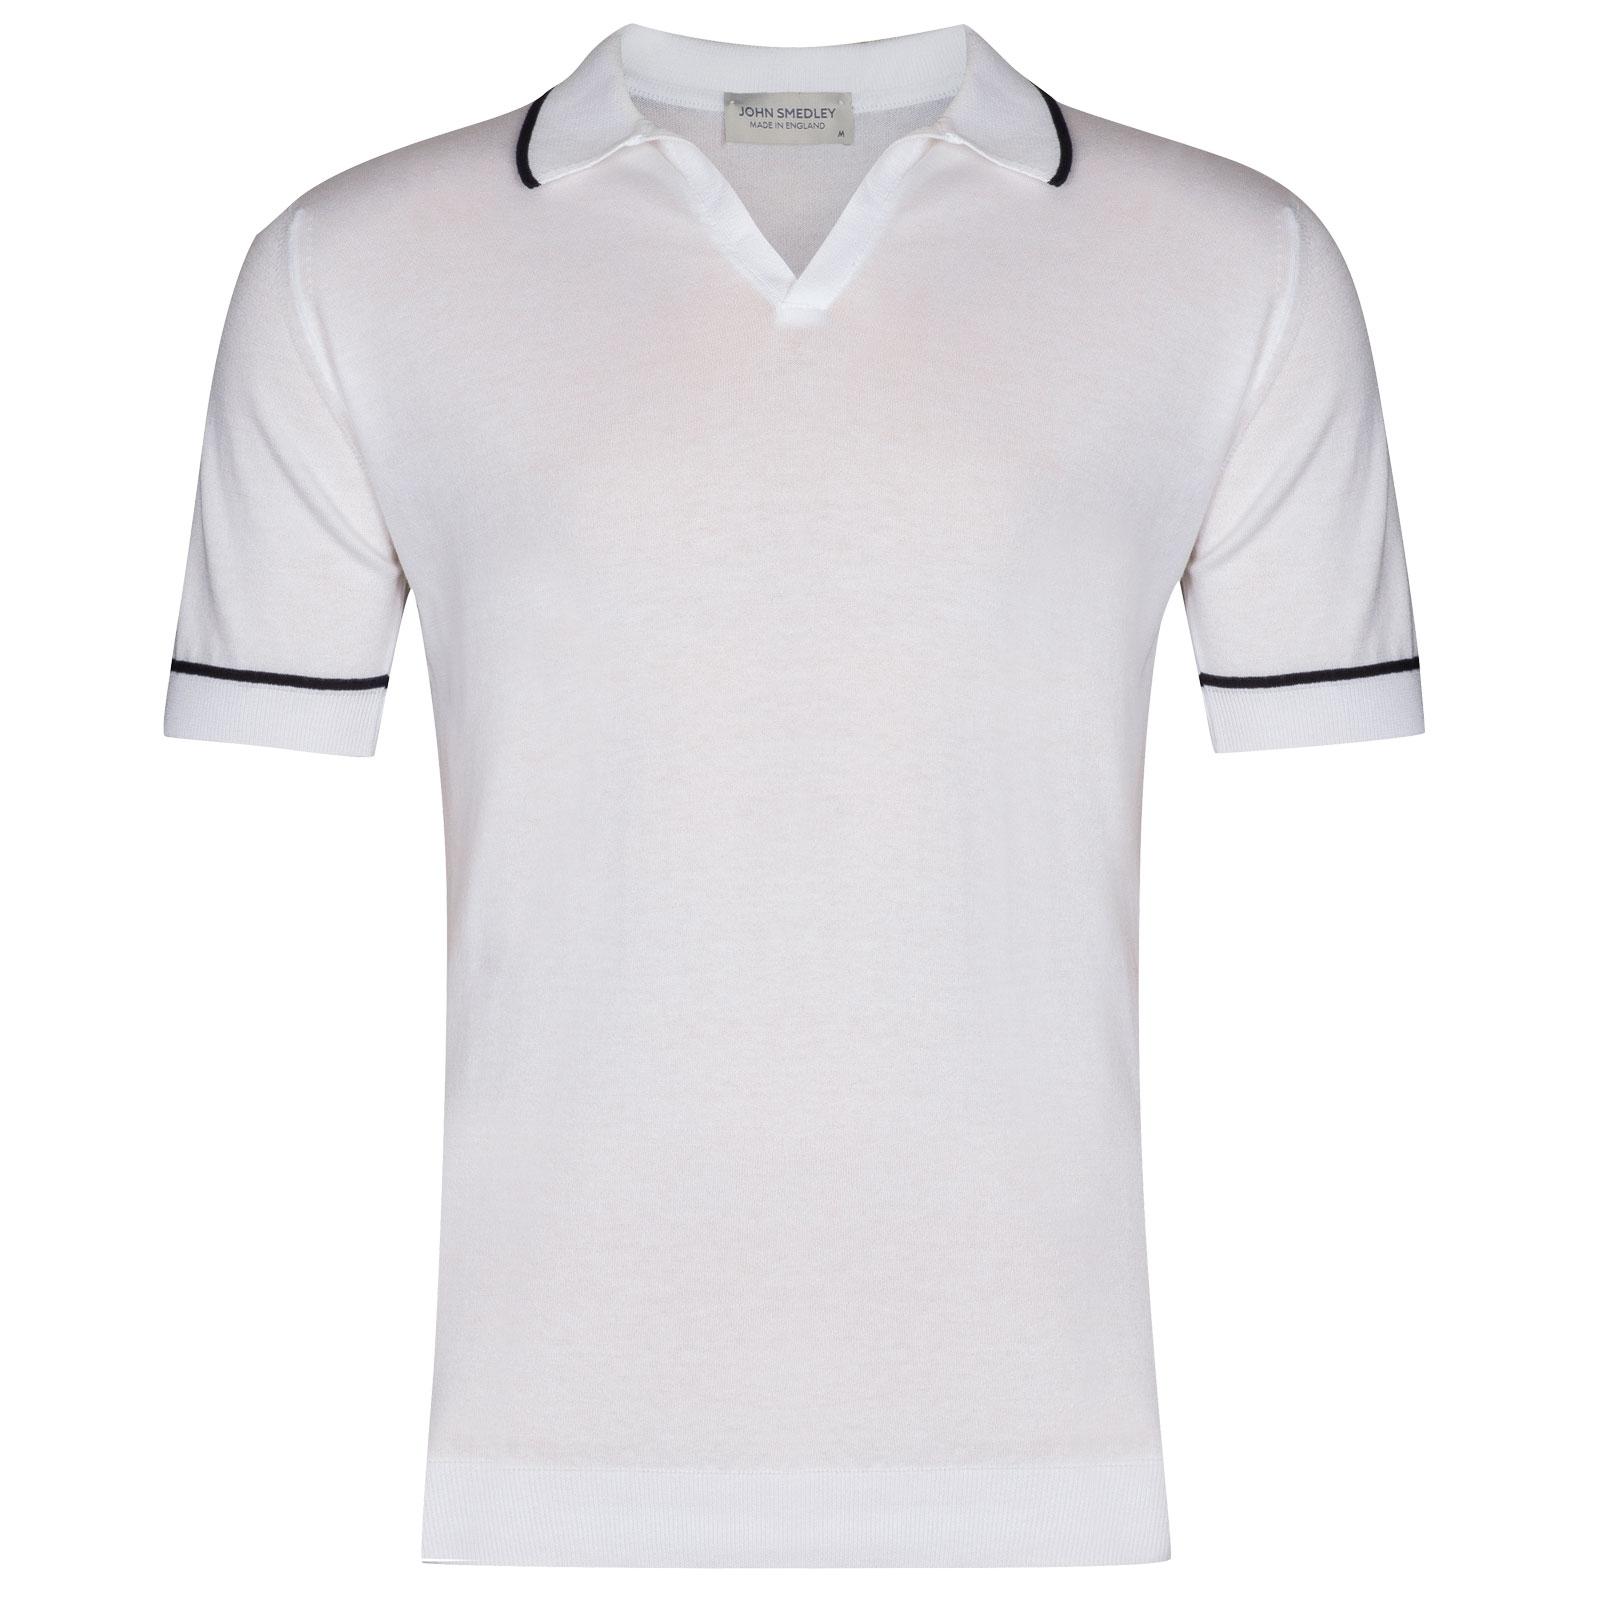 John Smedley Saxon in White Shirt-LGE